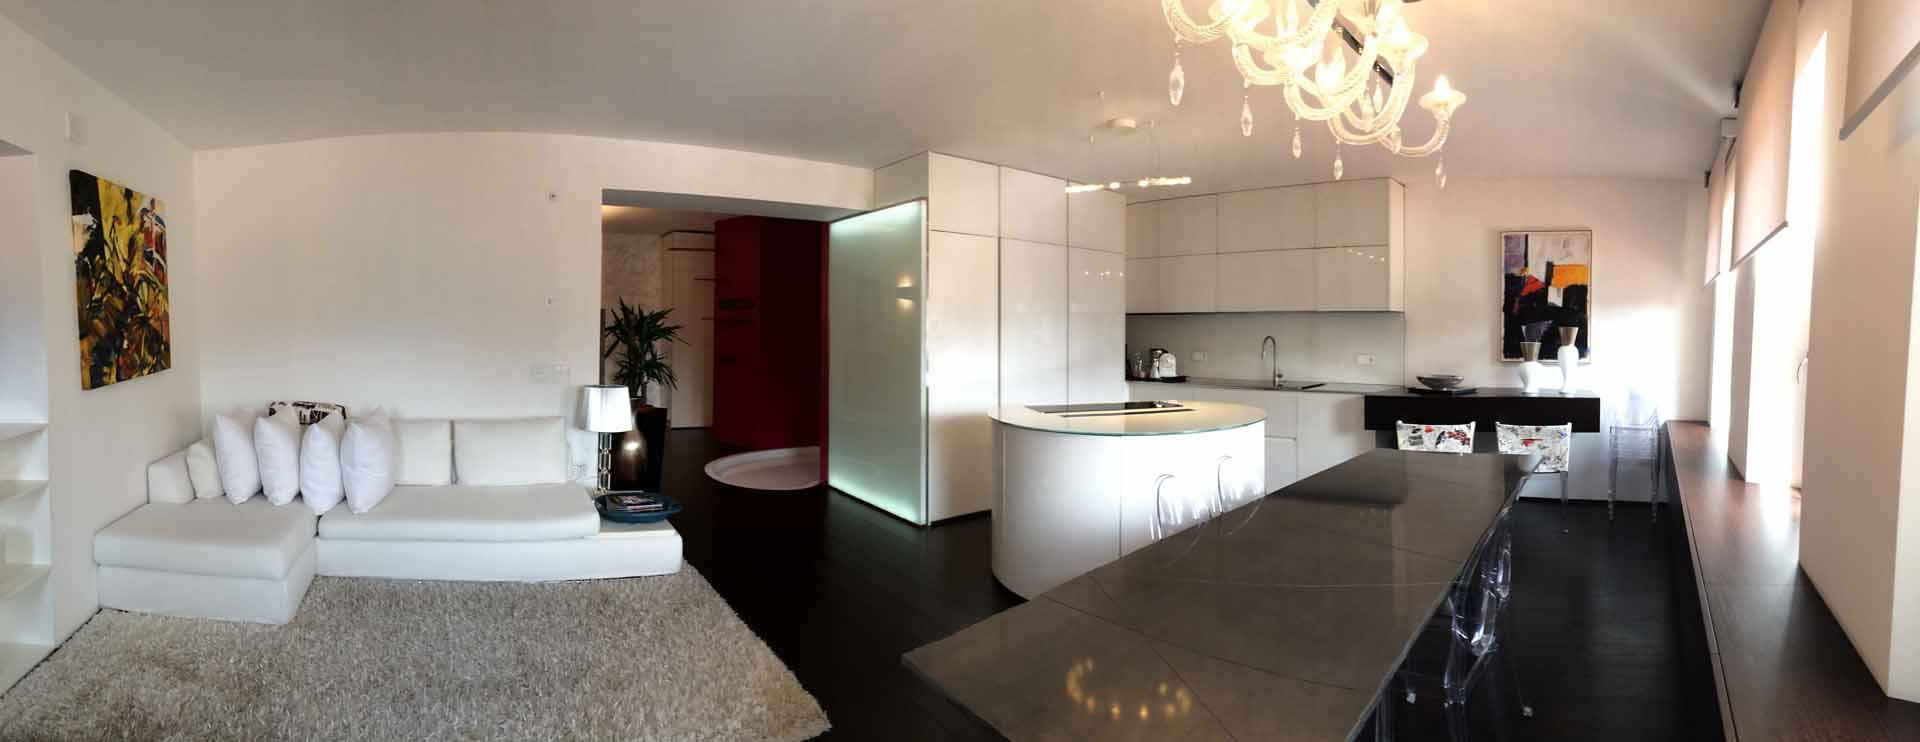 Agenzia immobiliare a belluno appartamento in vendita a for Casa con appartamento seminterrato in vendita